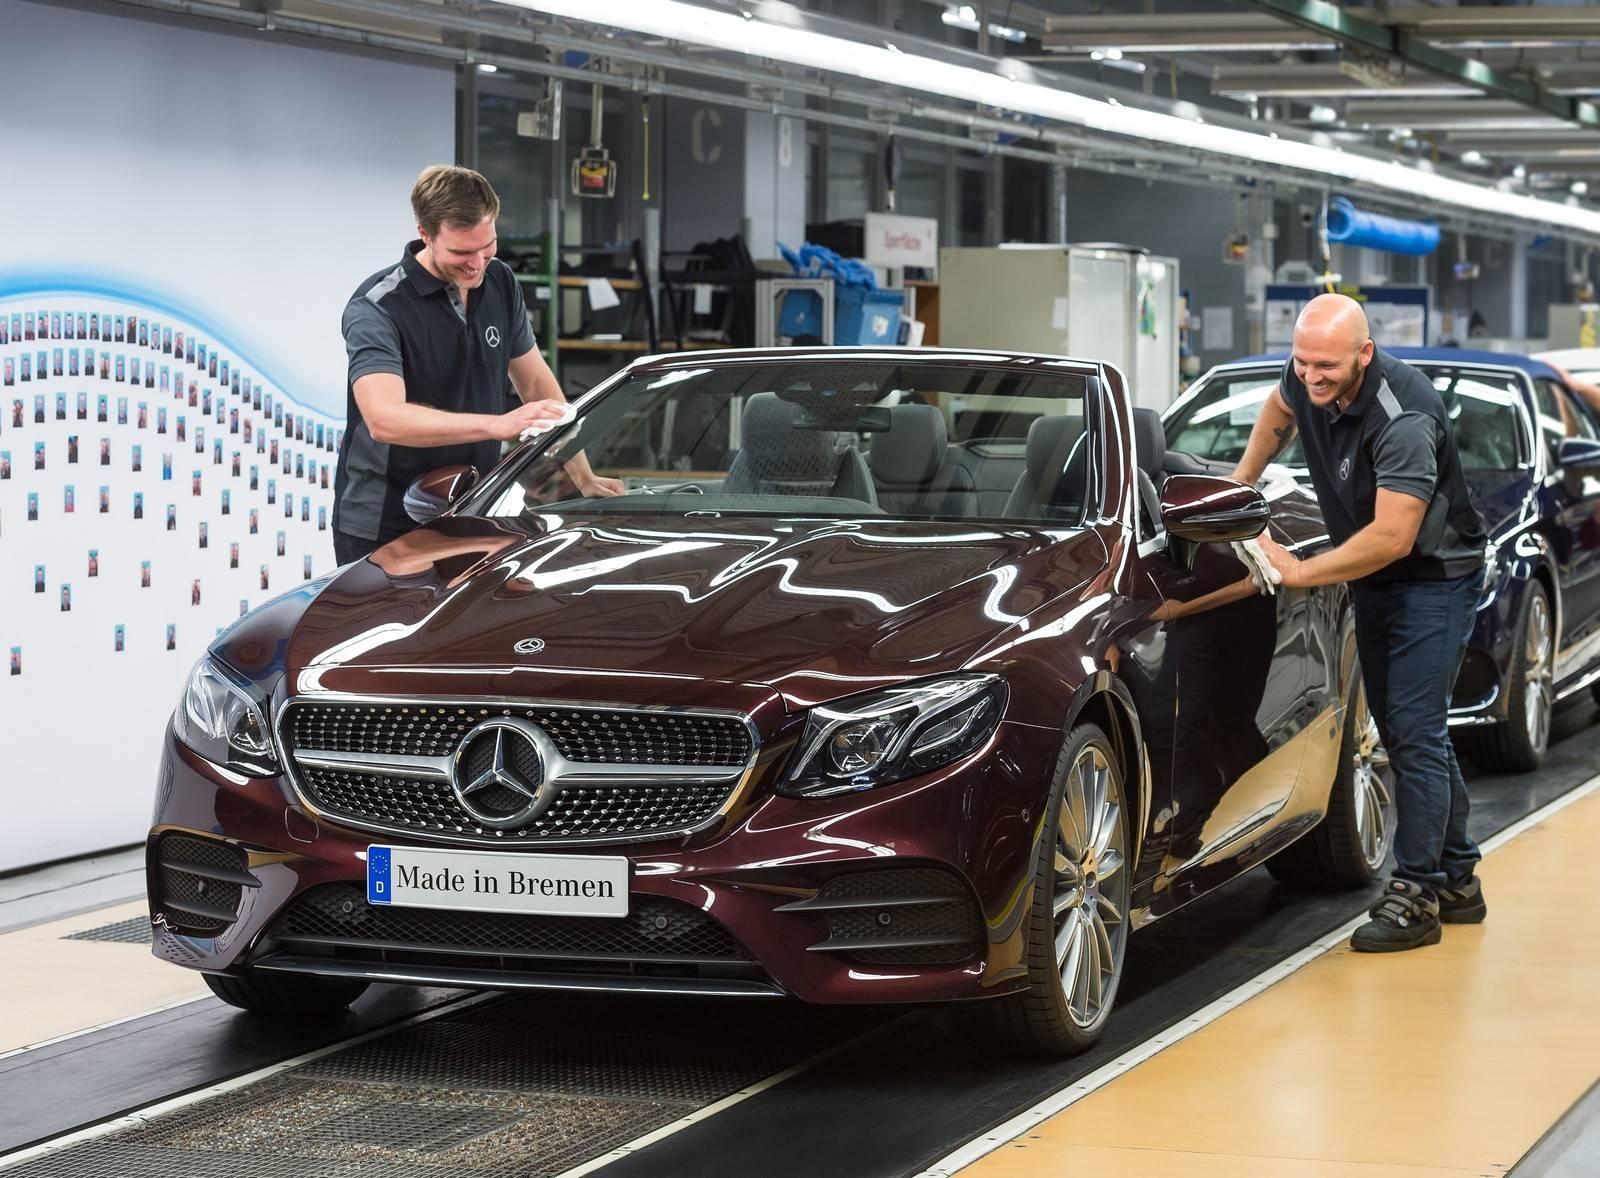 Где купить автомобиль мерседес с пробегом из германии?